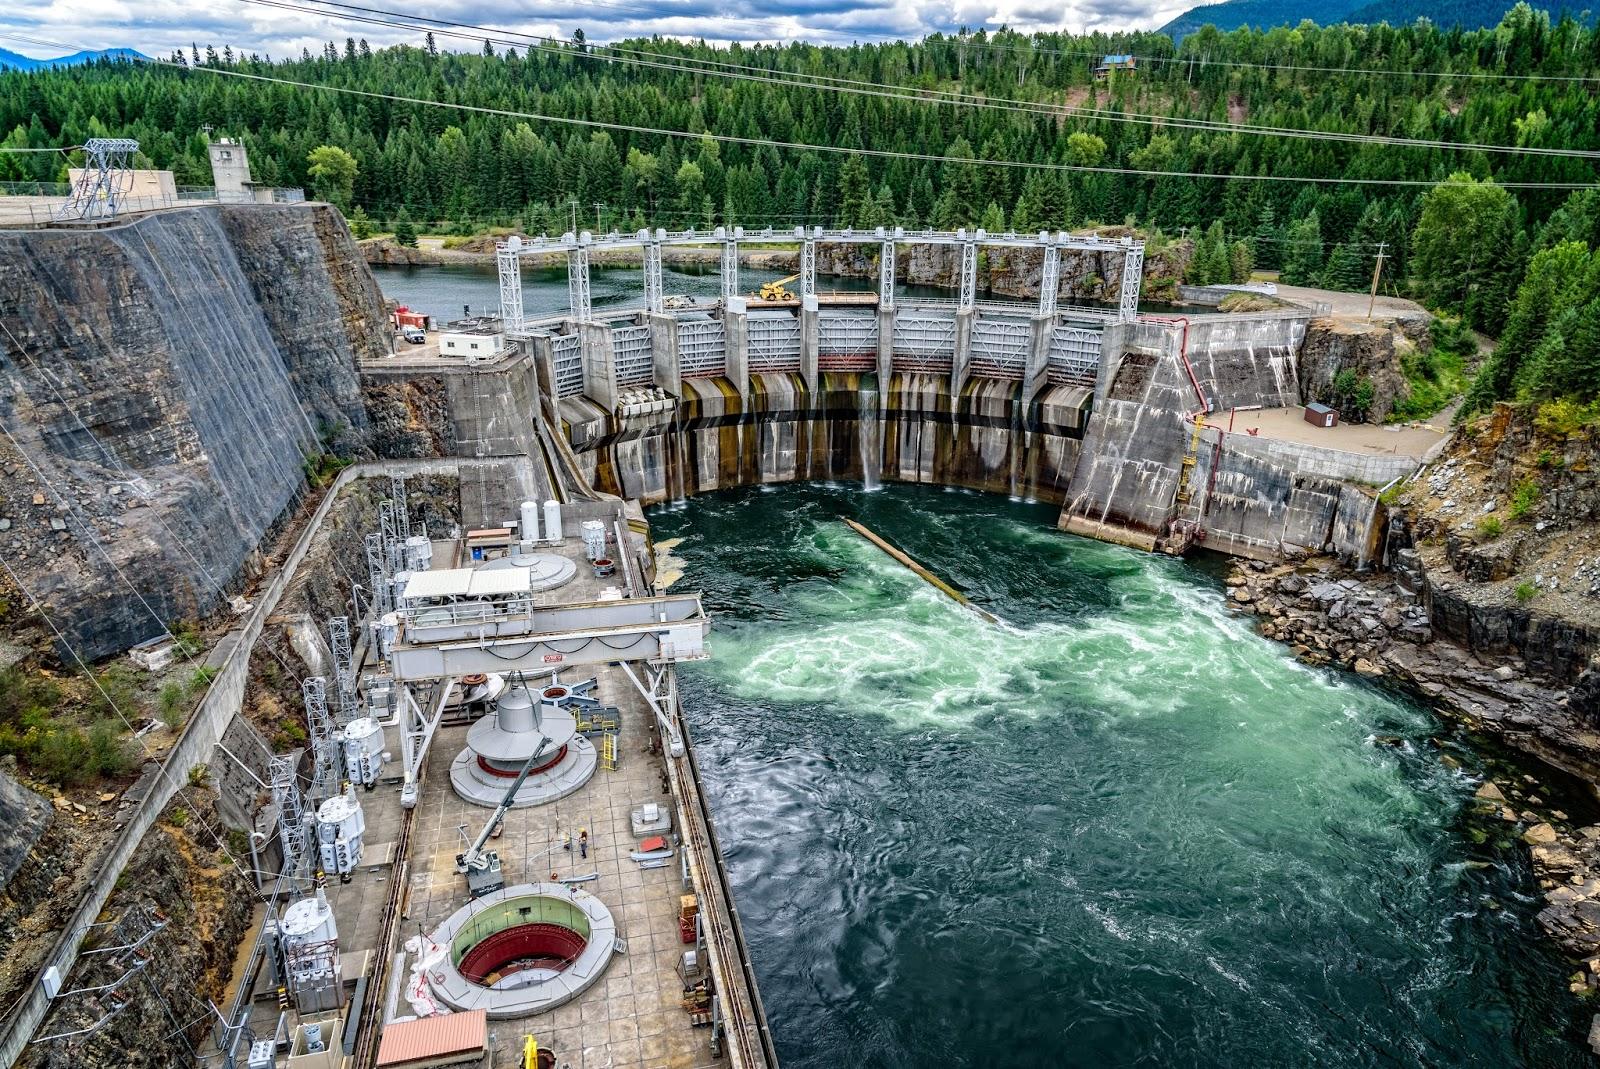 Cabinet Gorge Dam, Idaho